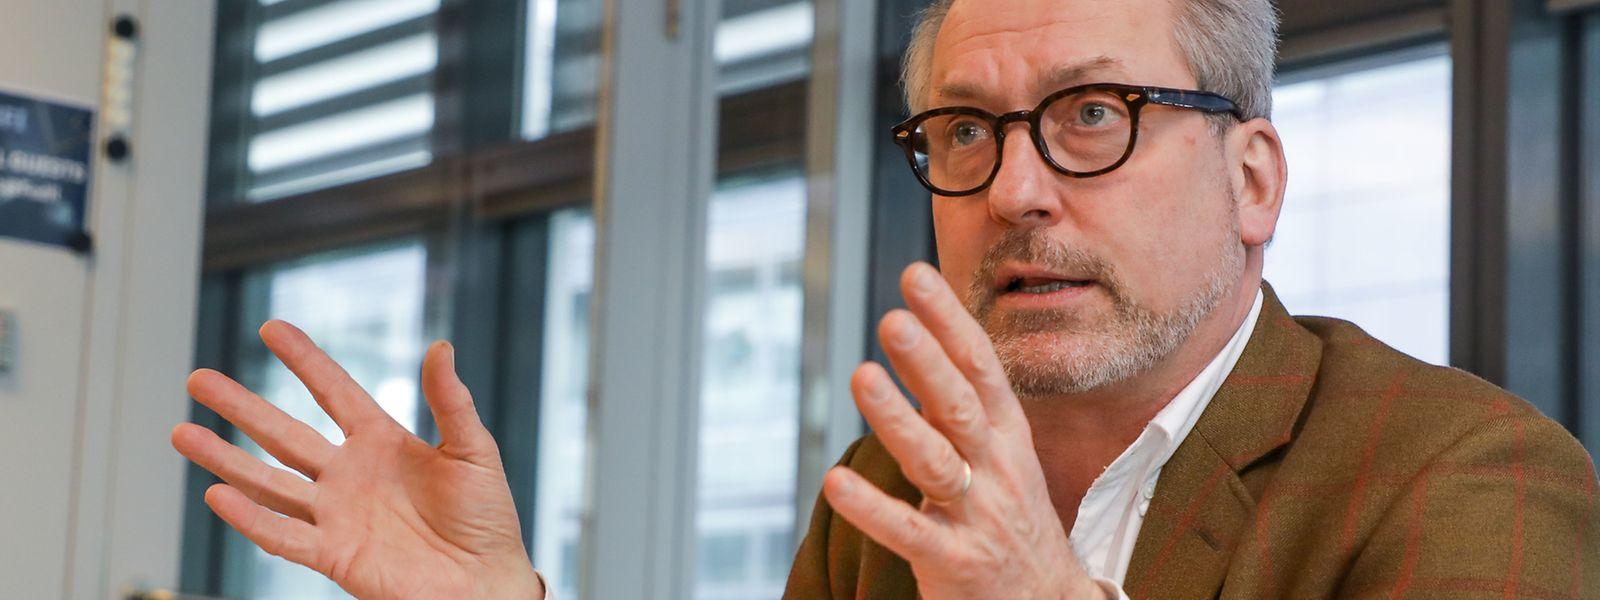 Au nom du Groupement des entrepreneurs, Pol Faber plaide pour une révision des règles de paiement d'acompte sur révision pour les entreprises de la construction.